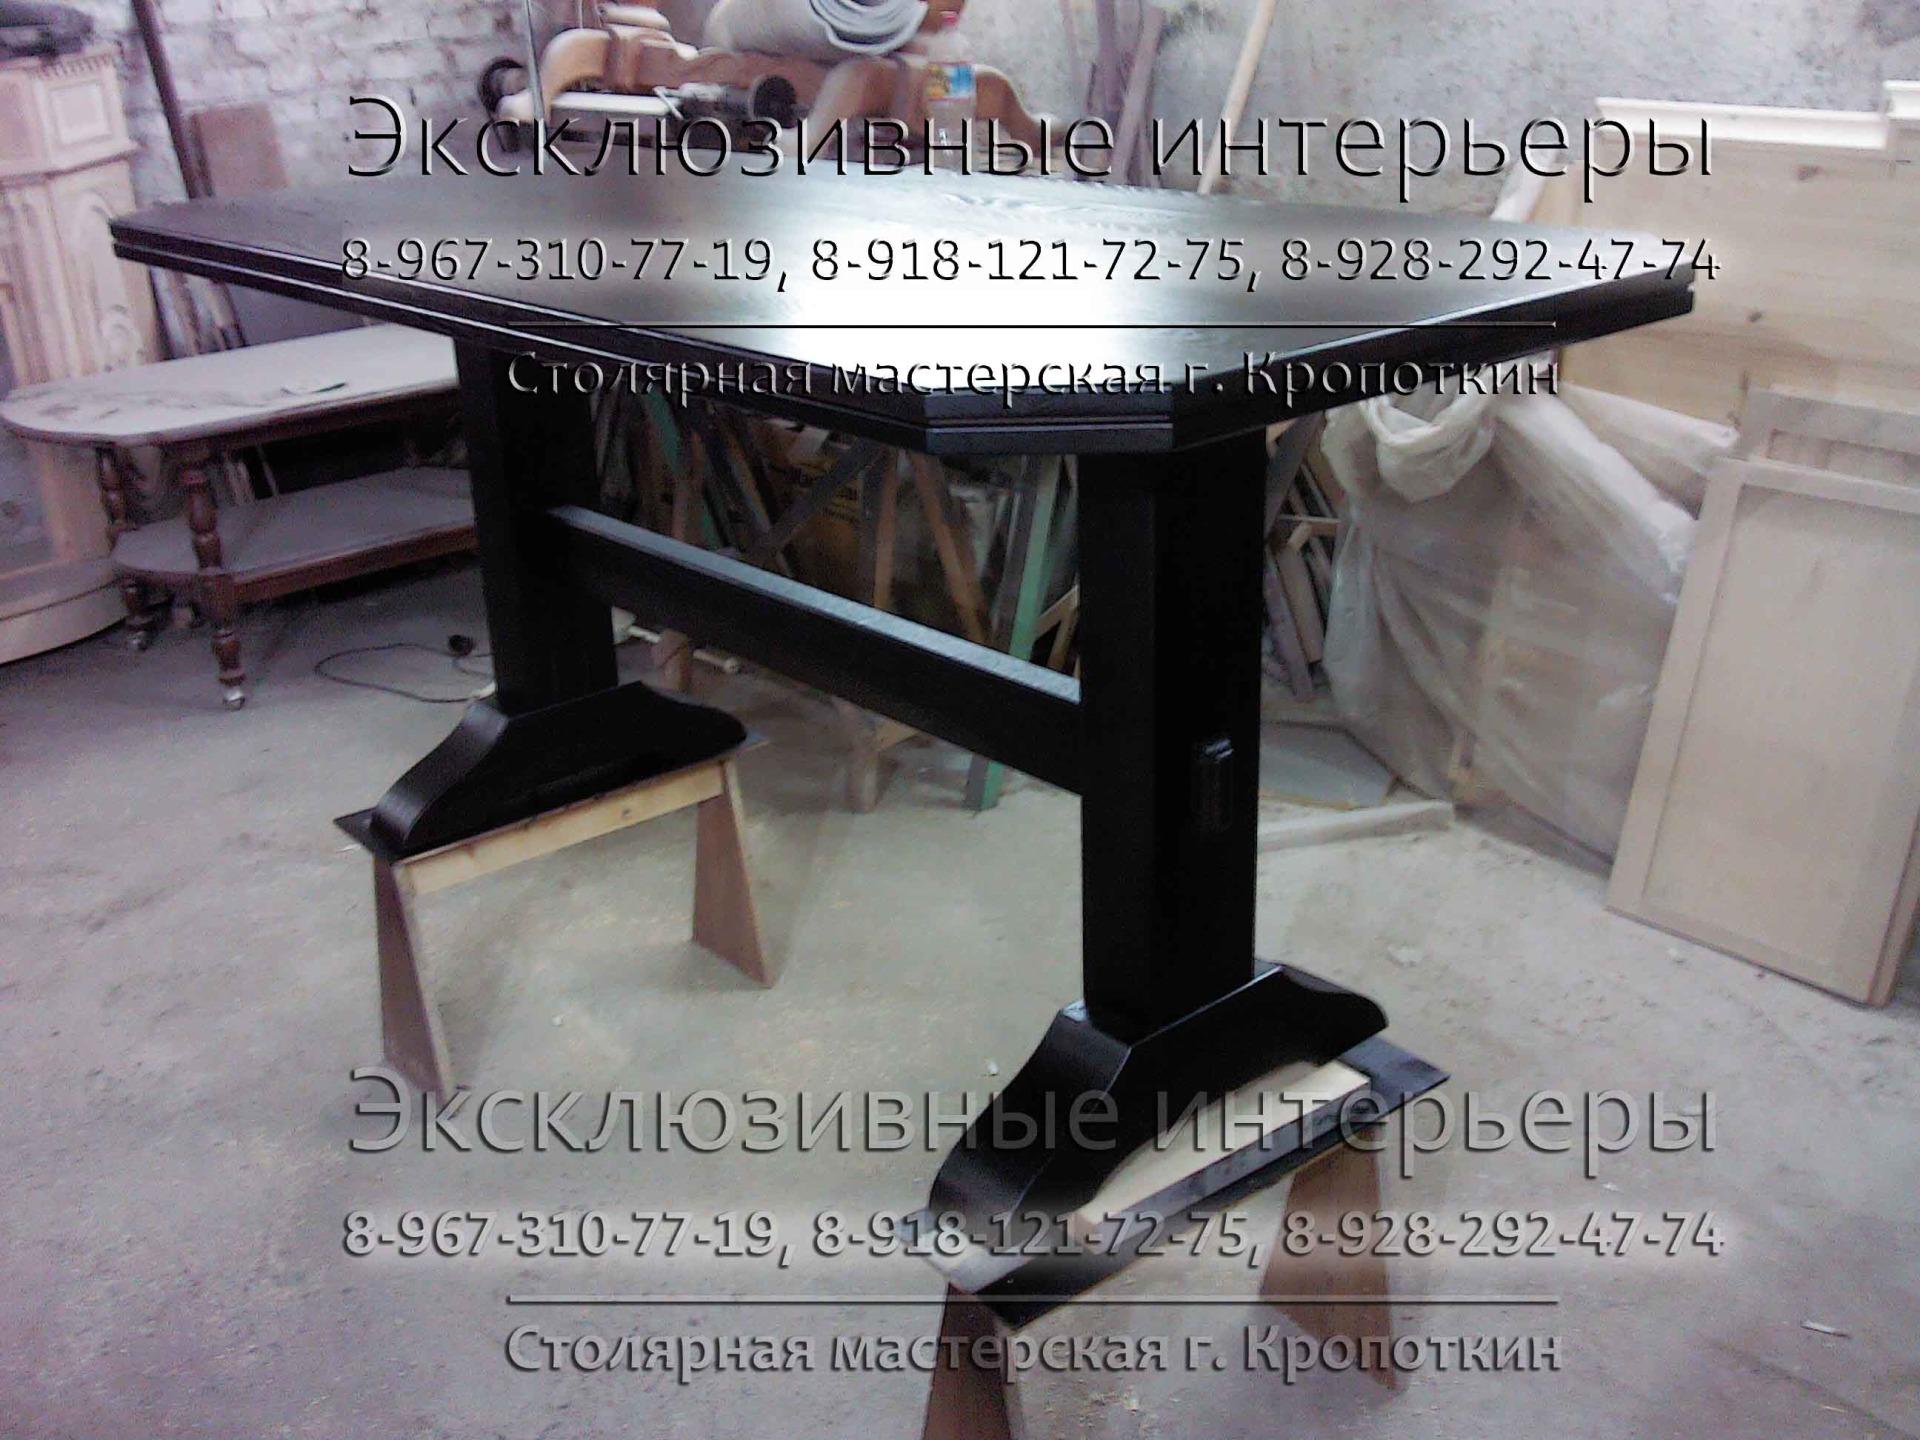 Мебельный цех - изготовление деревянной мебели на заказ в Кропоткине